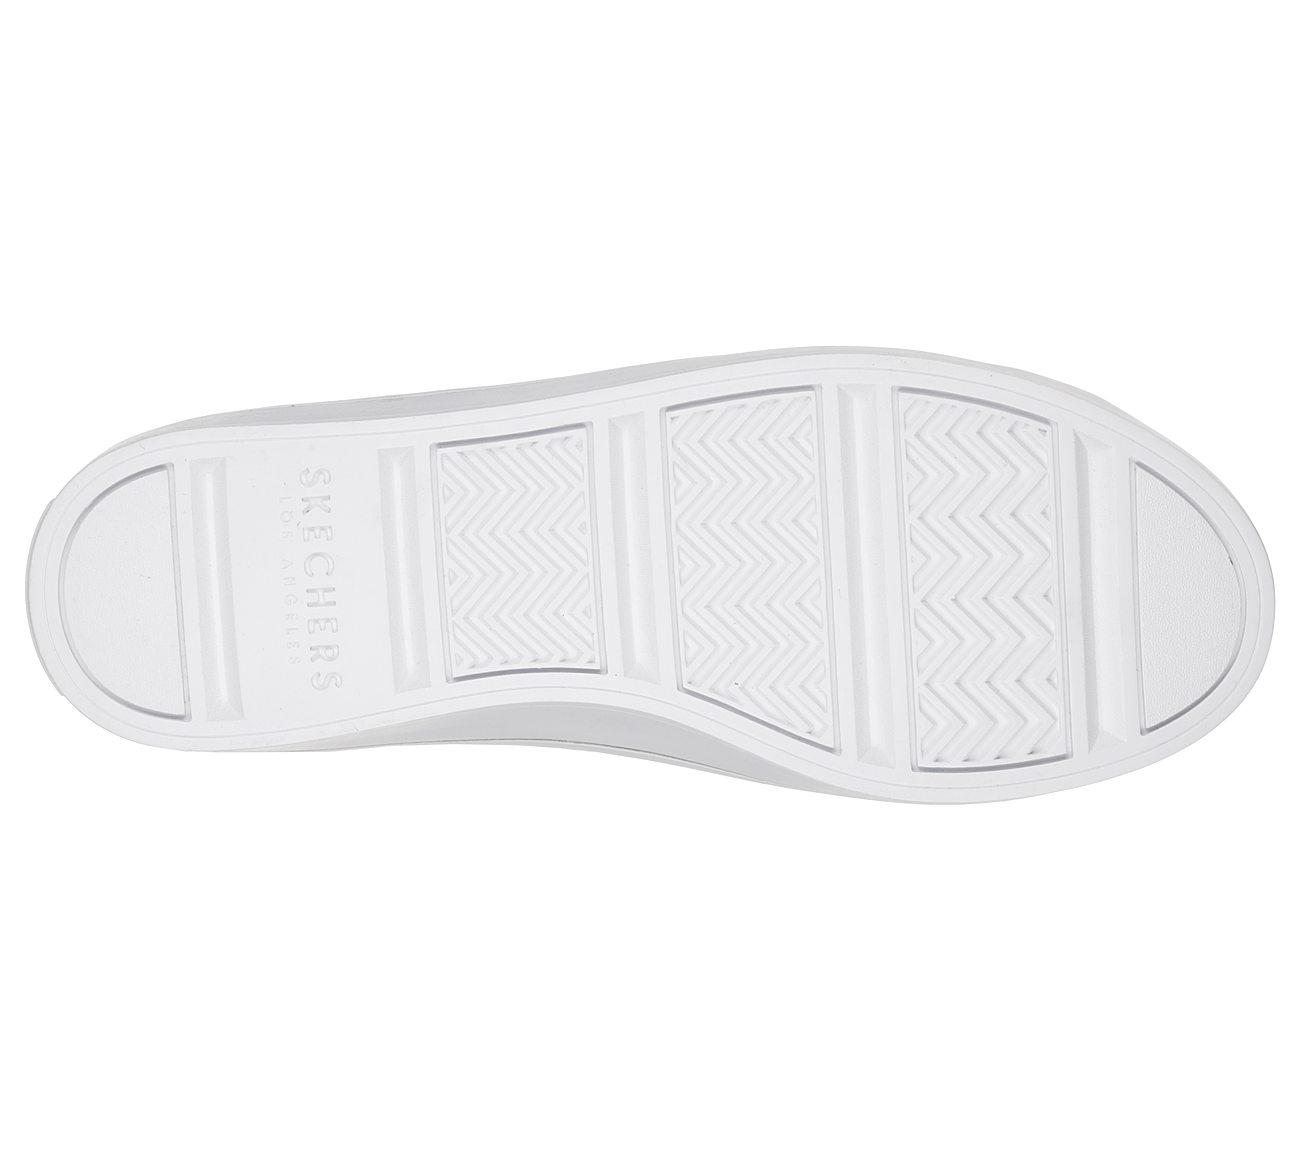 65284f5f7 Buy SKECHERS Hi-Lites - Star Stunner SKECHER Street Shoes only  41.00